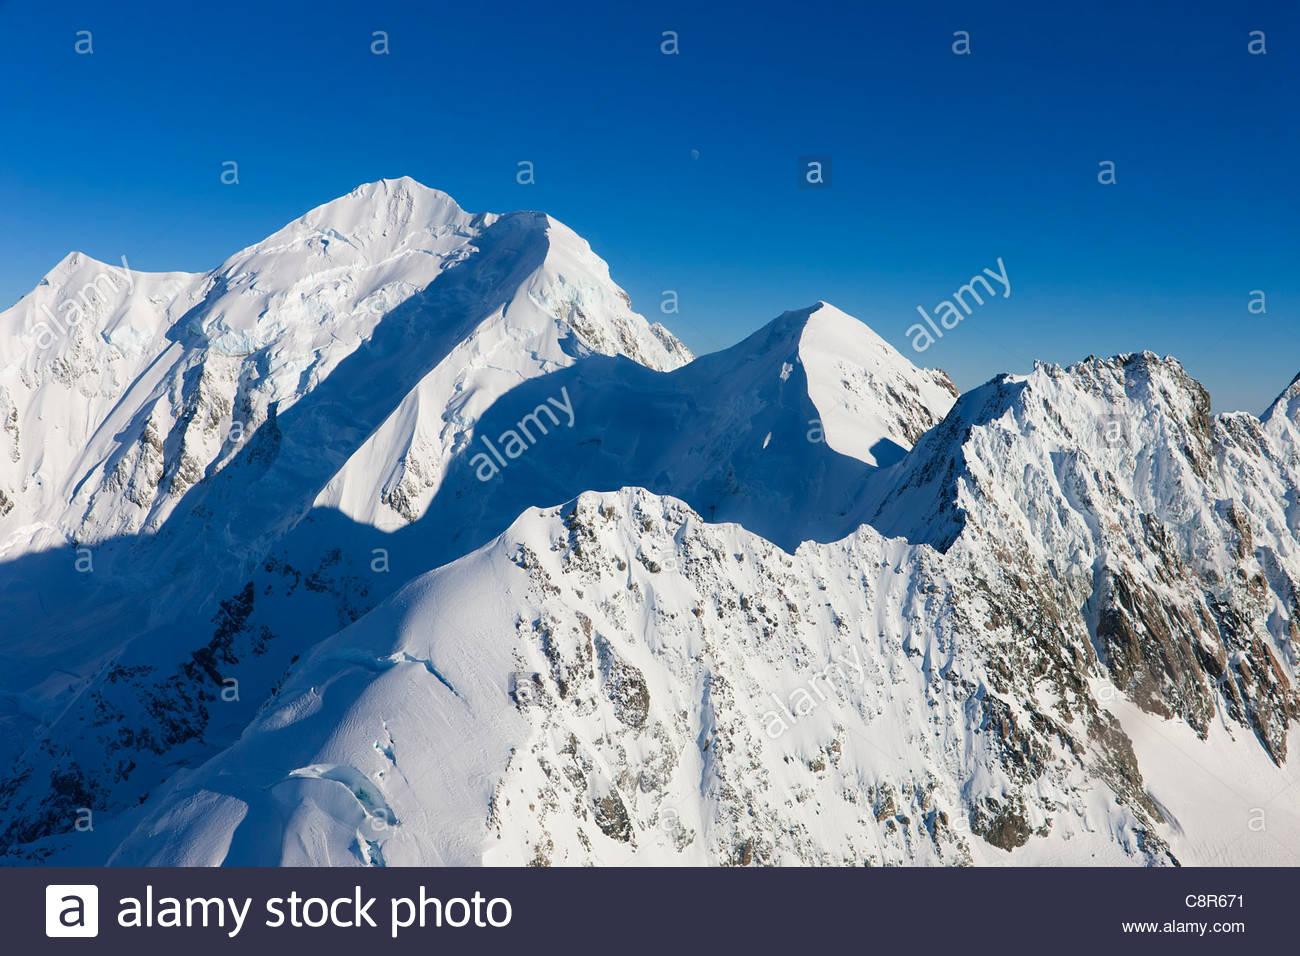 Les trois-quarts lune est visible sur le mont Tasman, un 11476 pieds (3498 mètres) dans la montagne alpes du Photo Stock